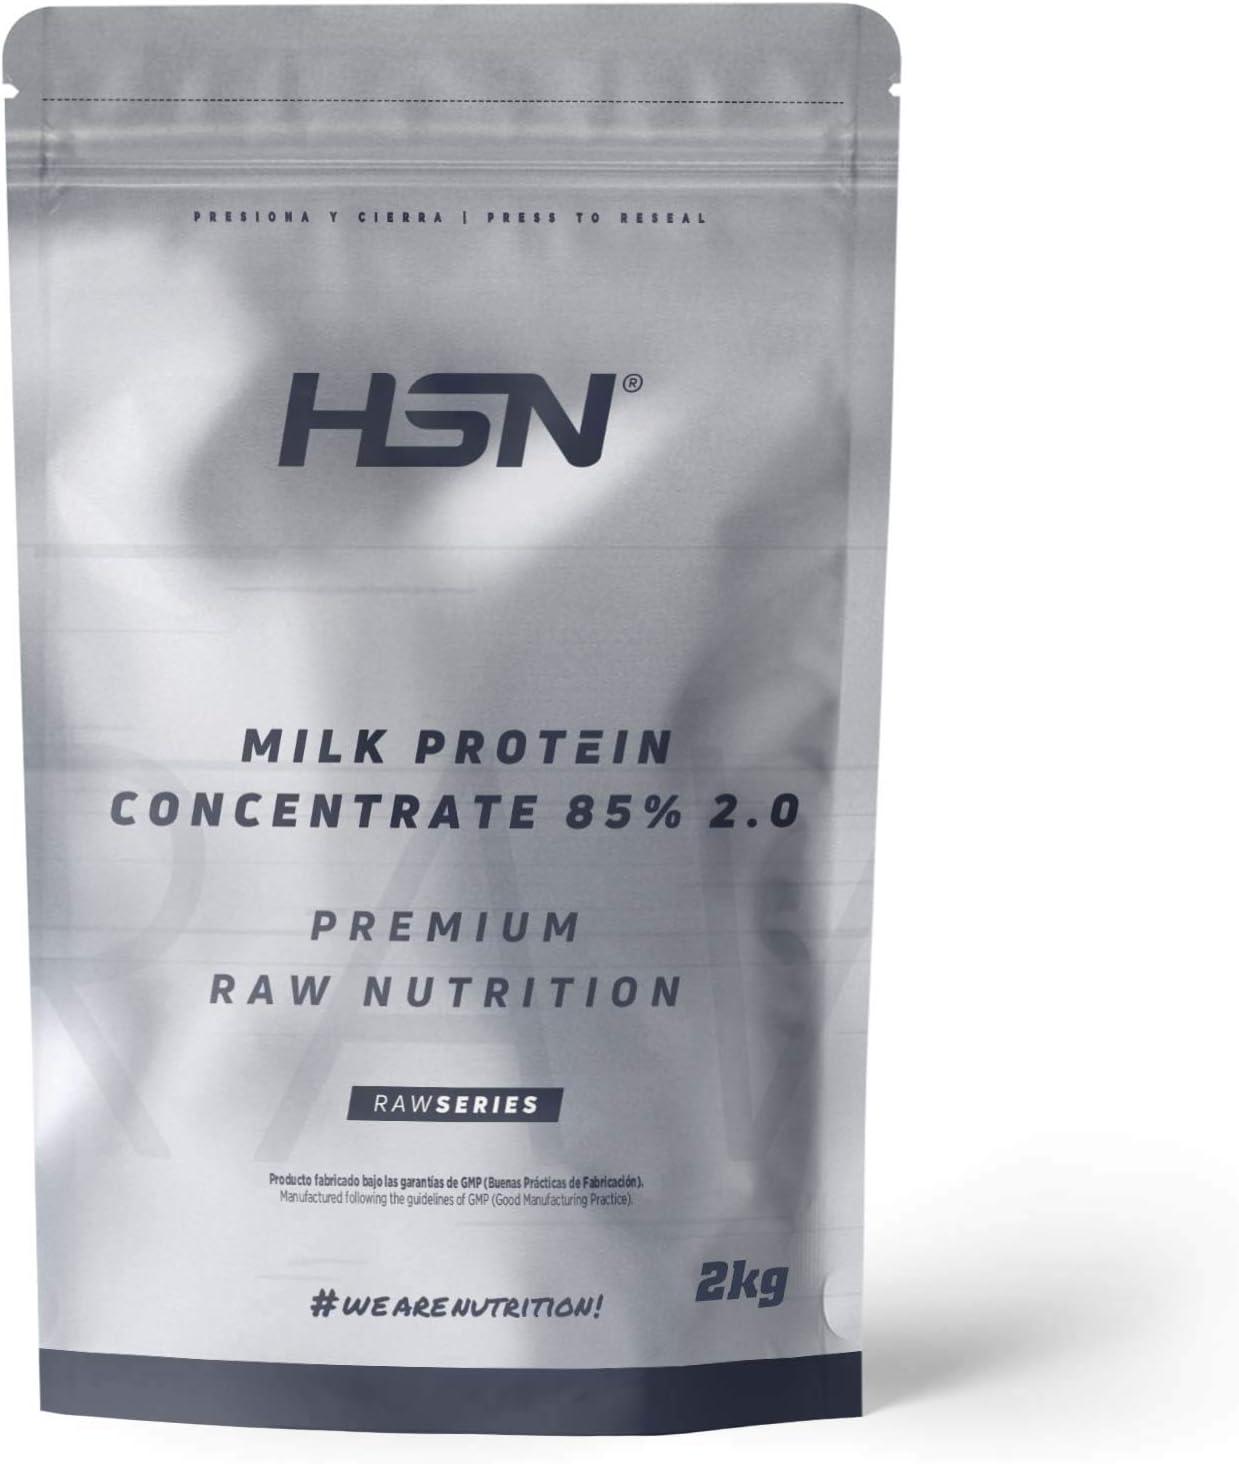 Proteína Concentrada de Leche 85% de HSN | Milk Protein ...